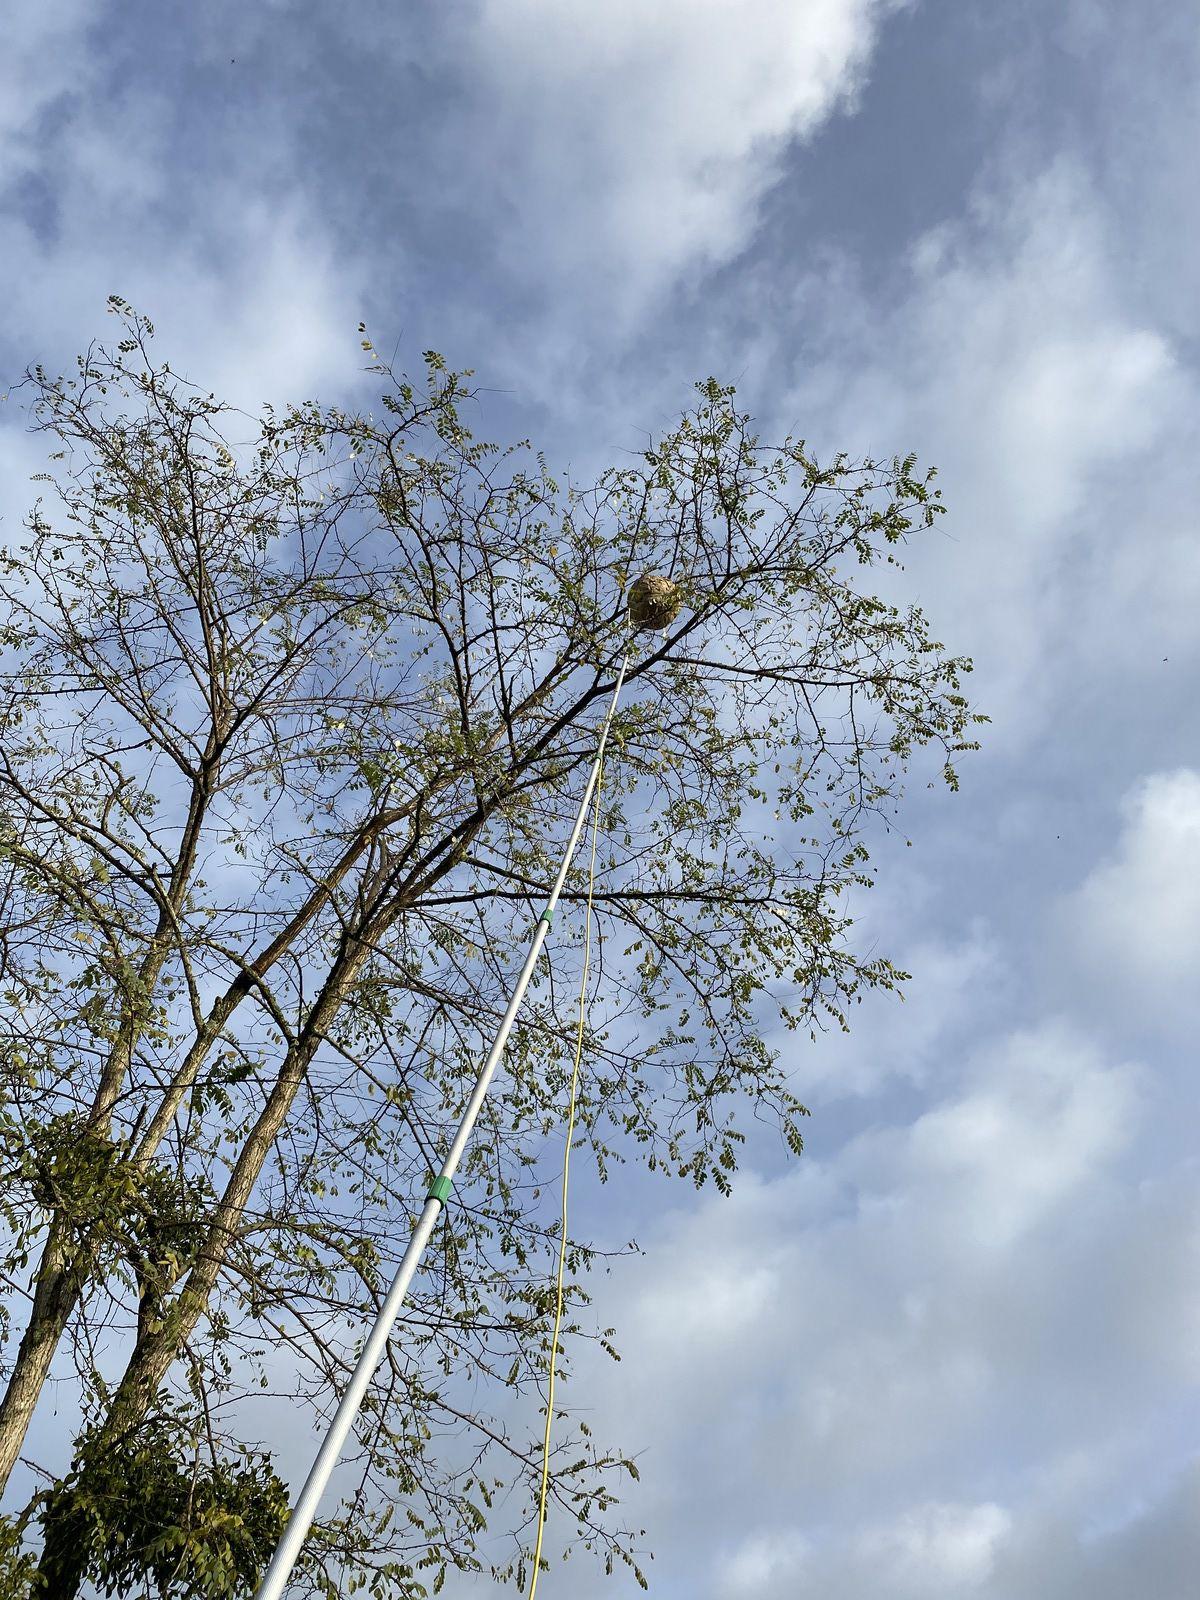 PORTETS traitement destruction rapide de vos nids de frelons contact ADSA33 0678183234